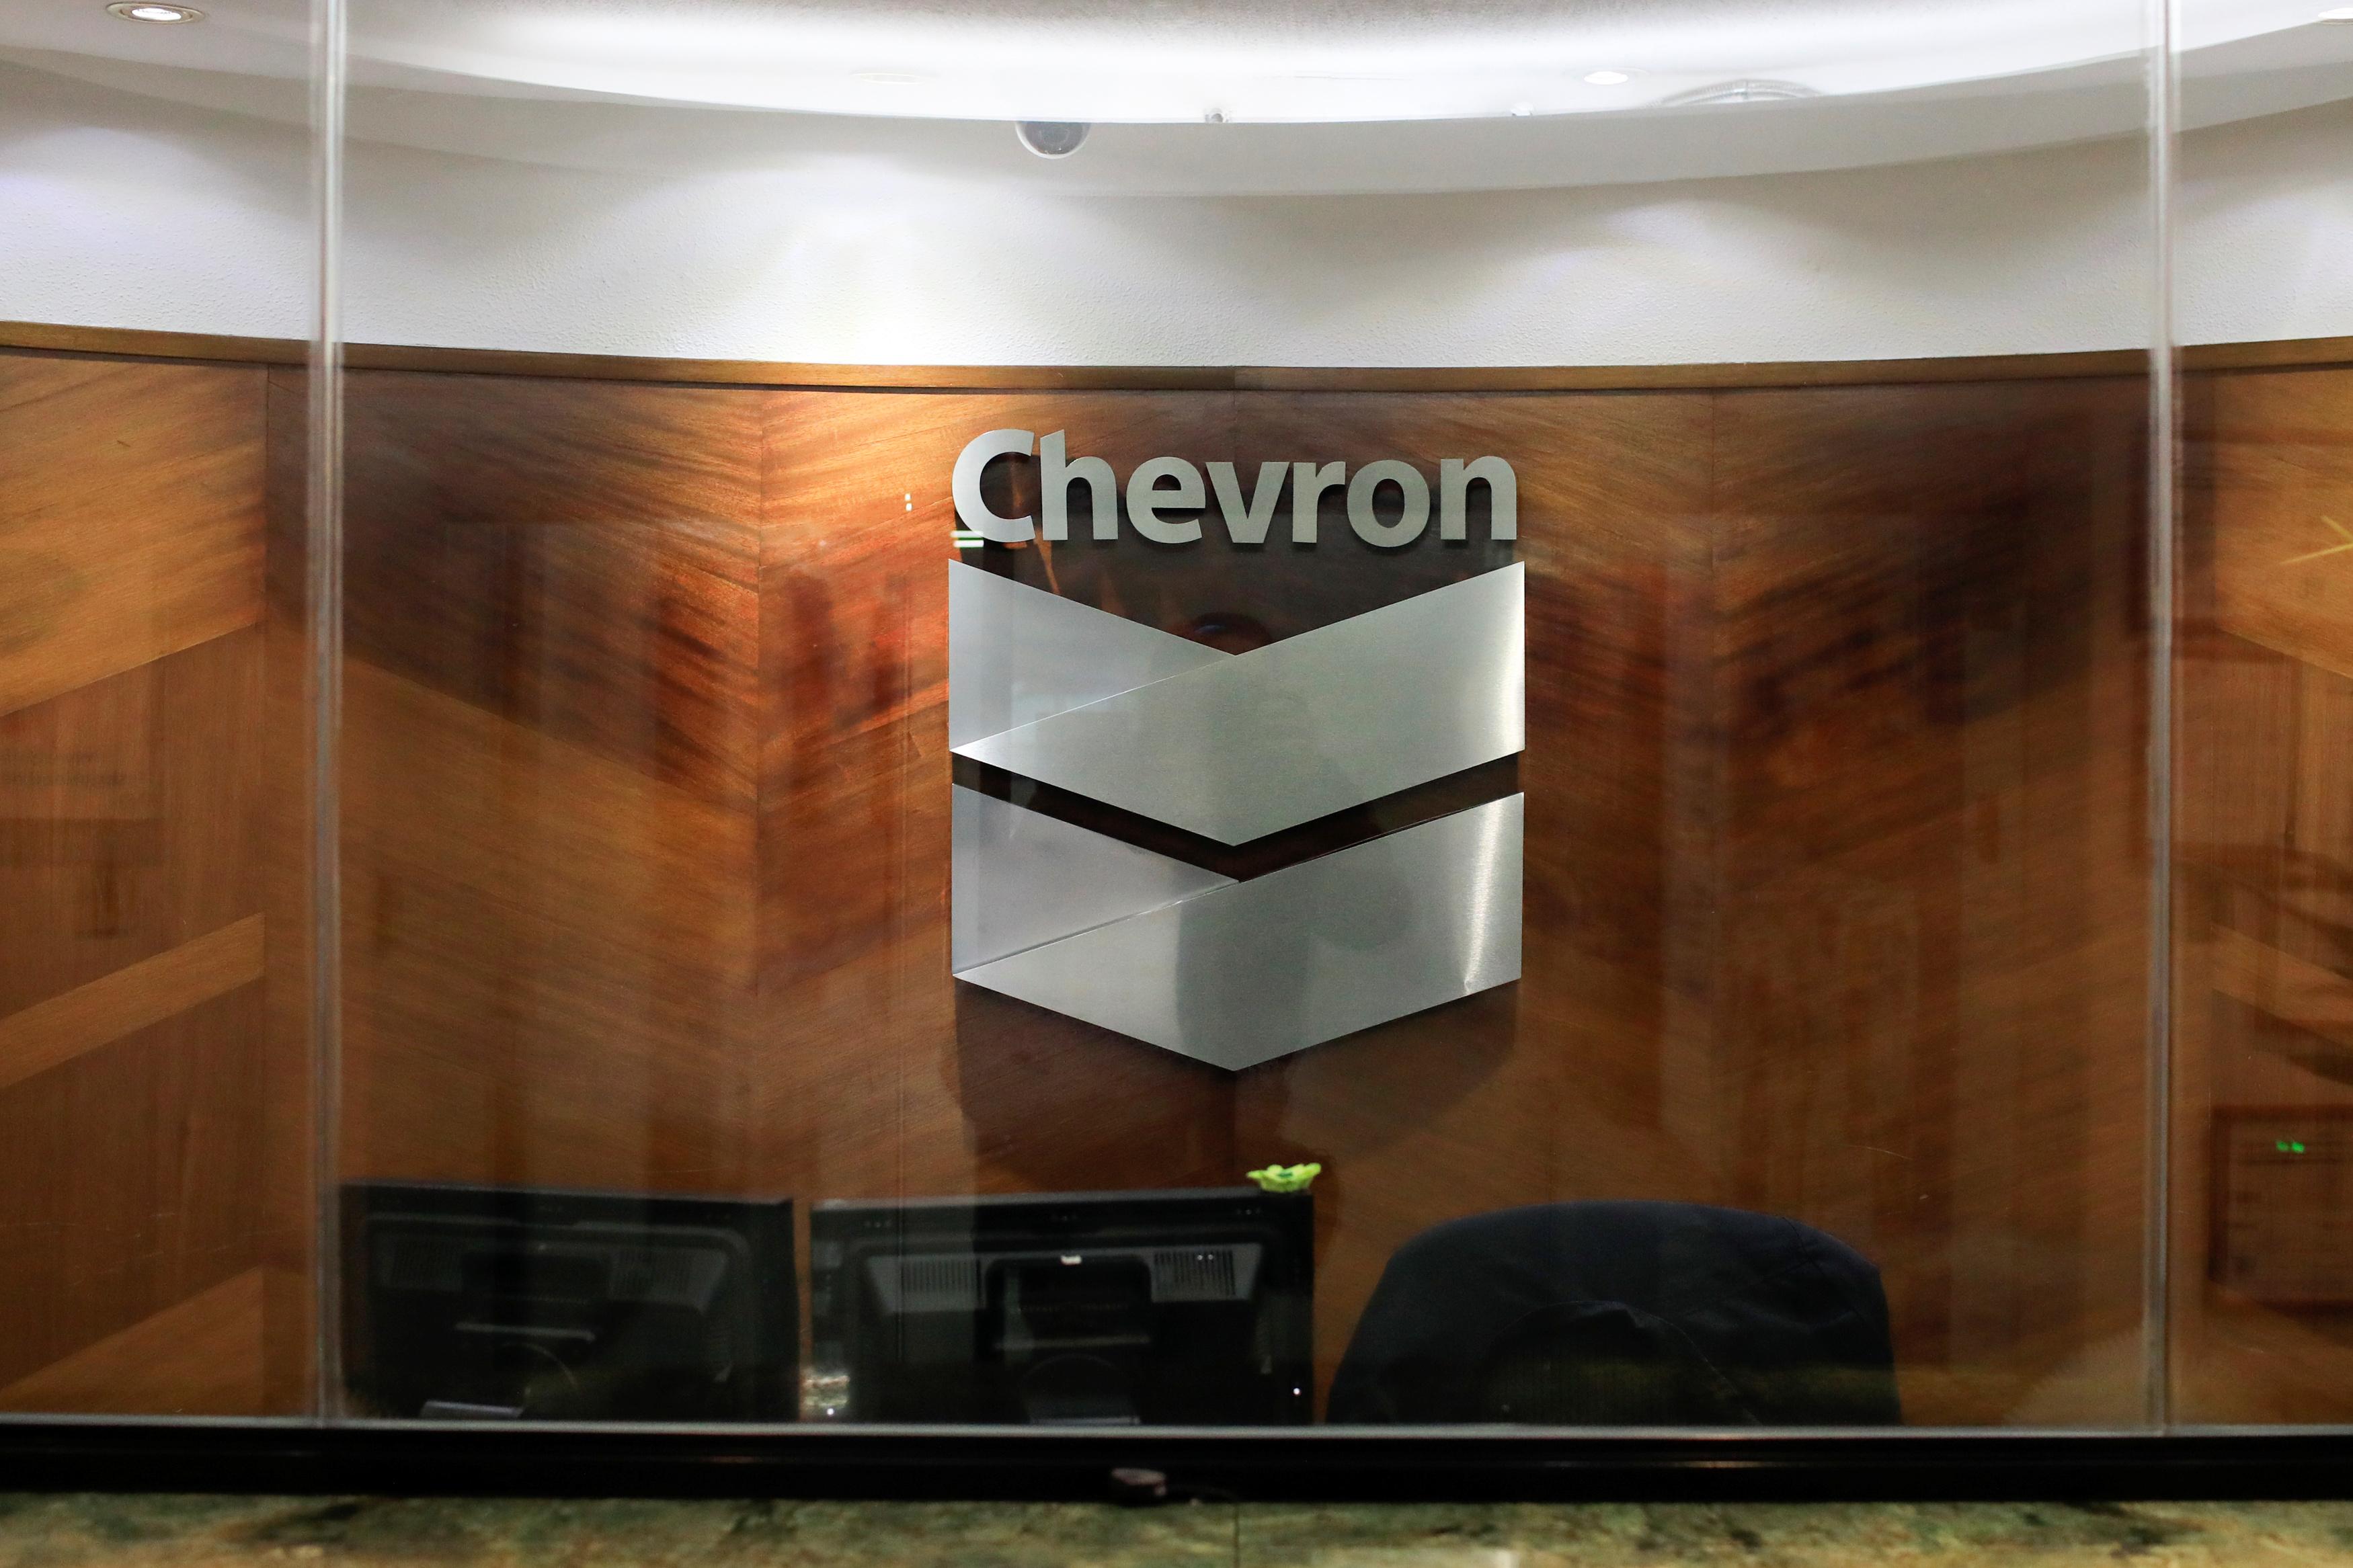 Chevron compra Anadarko por 33,000 millones de dólares